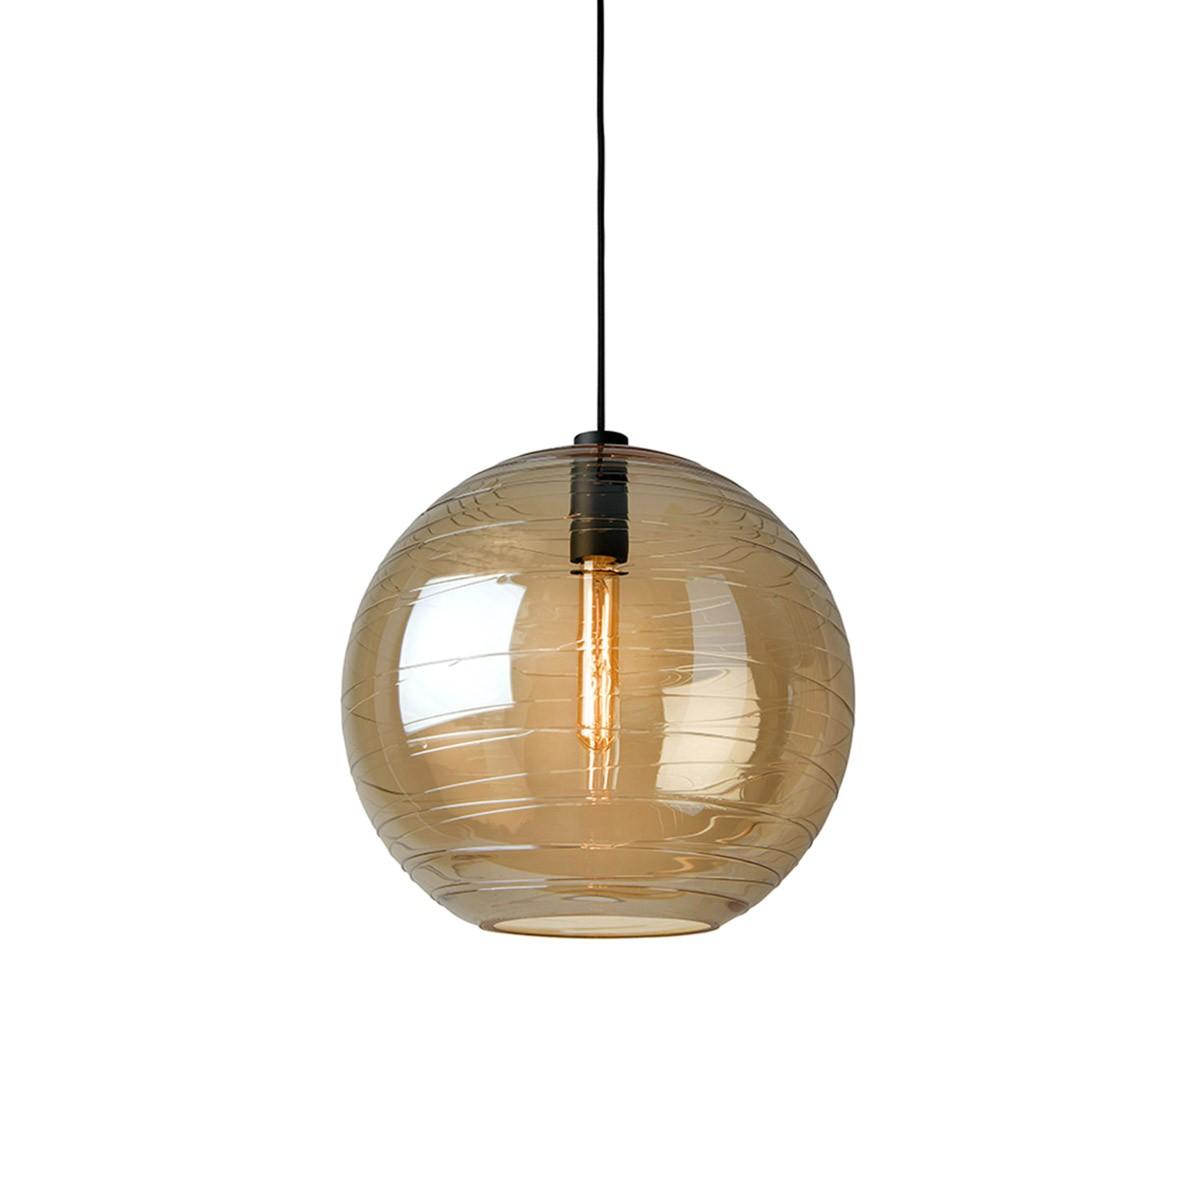 Sompex Lantaren Pendelleuchte, Glas: amber (goldbraun)